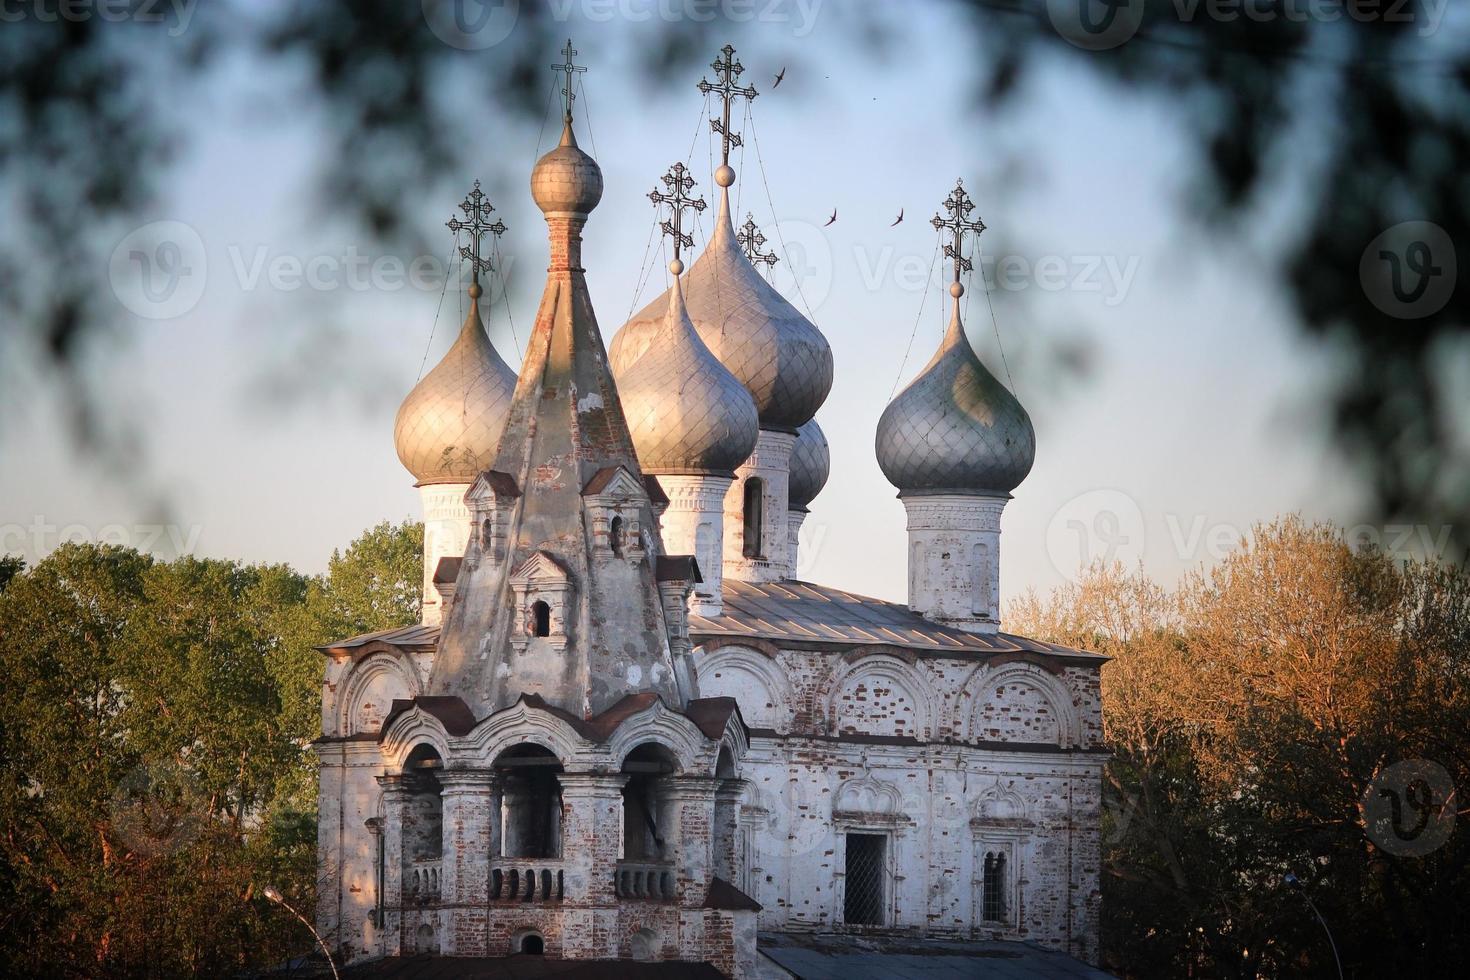 cathédrale de l'église orthodoxe photo